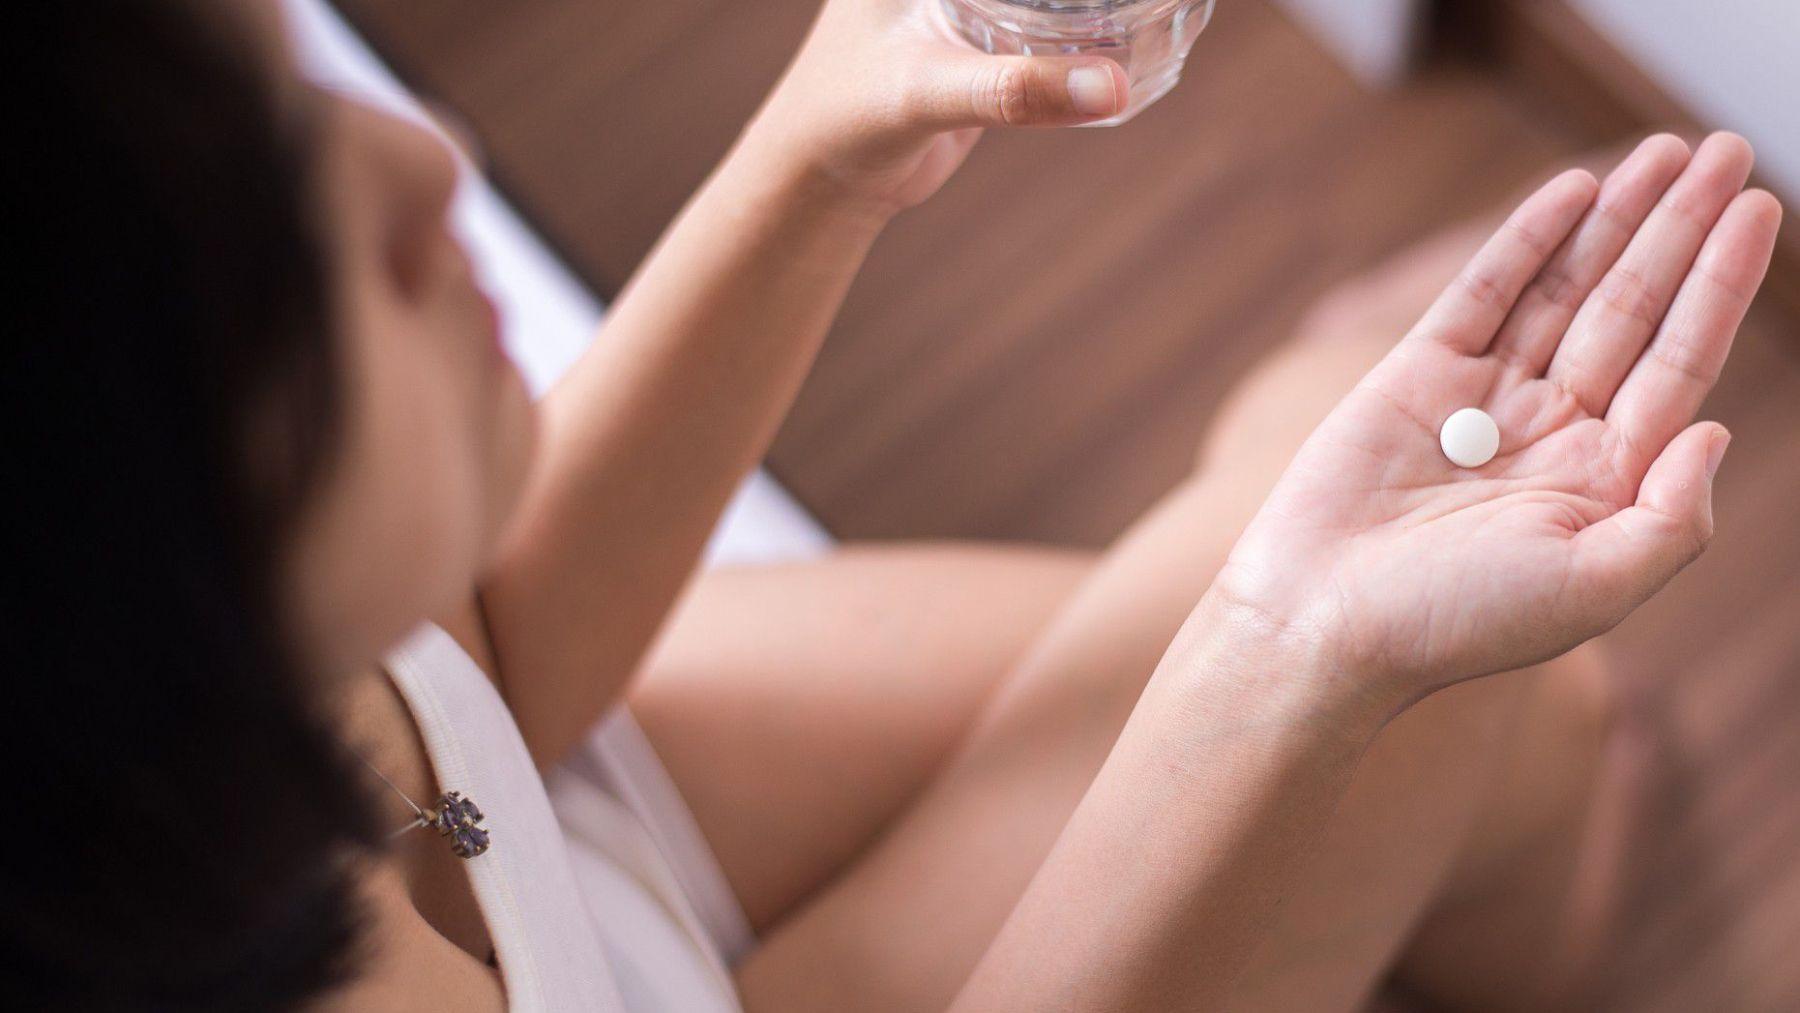 Descubre cuánto tiempo pasará entre dejar la píldora y poder quedarte embarazada